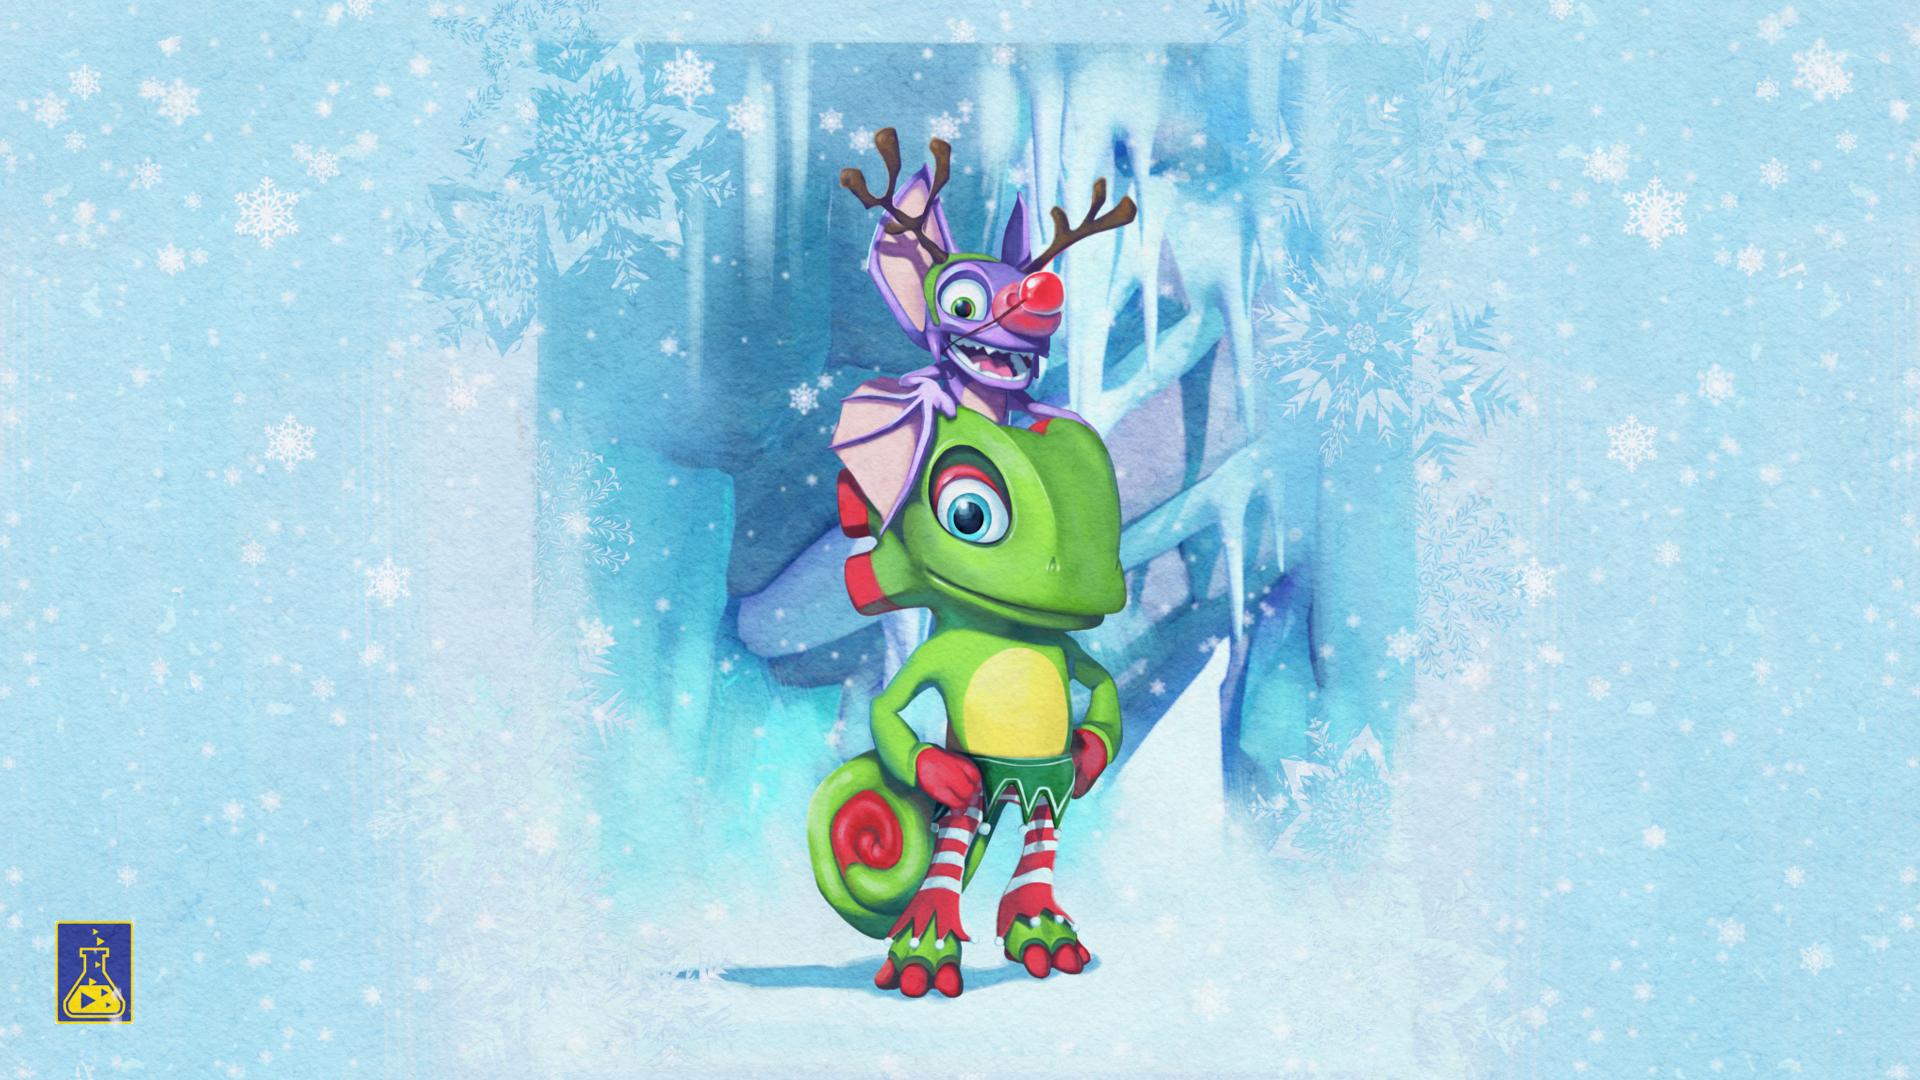 Yooka-Laylee: Merry Christmas from Playtonic - Perfectly Nintendo